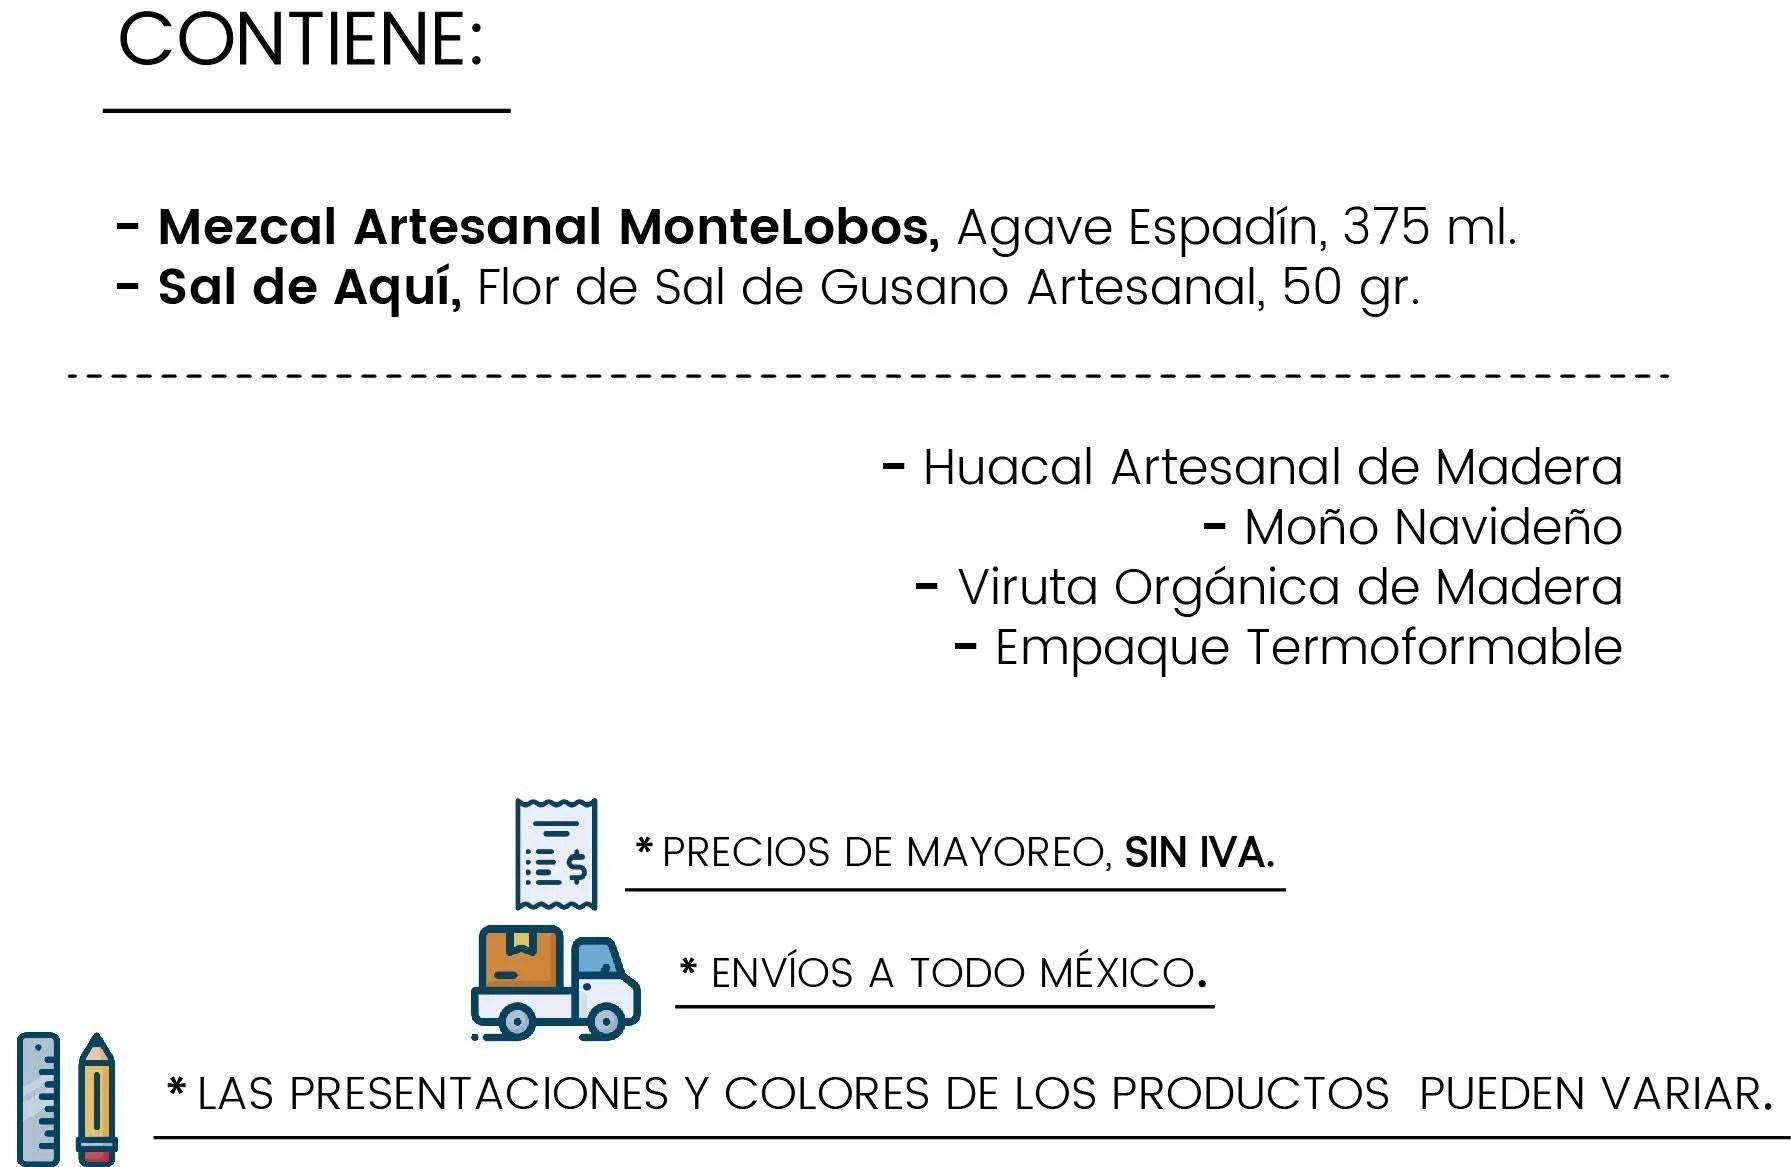 Contenido Huacal Montelobos by Tienda de Canastas